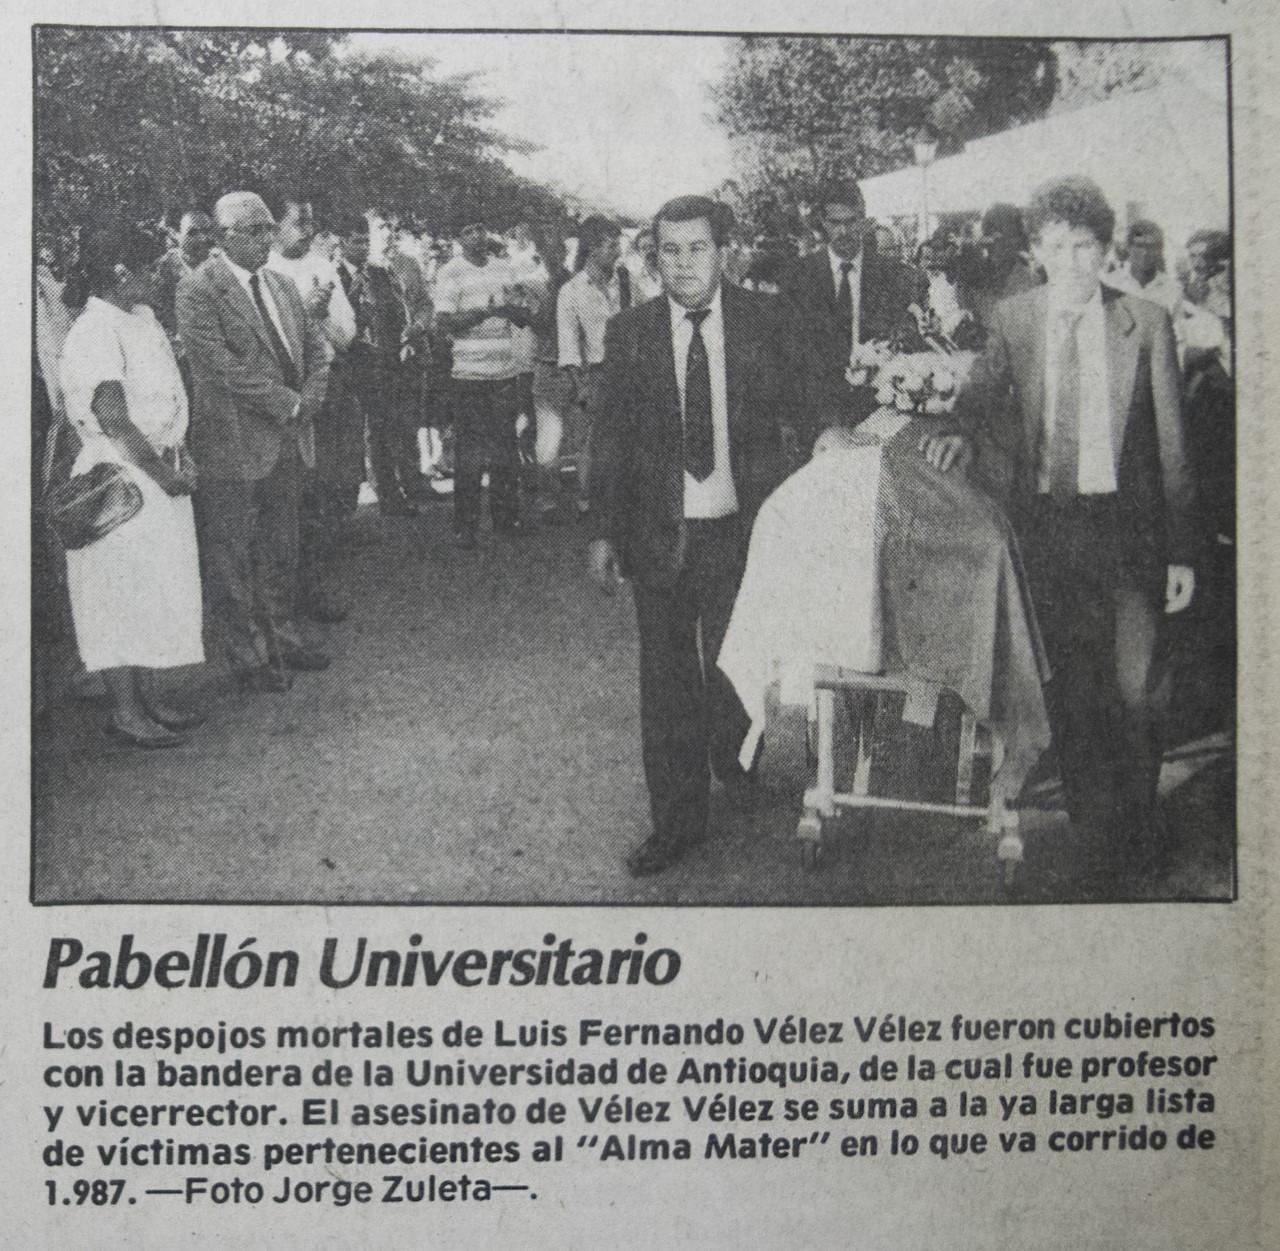 Imágenes vía El Colombiano y Fondo Documental del Archivo Histórico de la Universidad de Antioquia